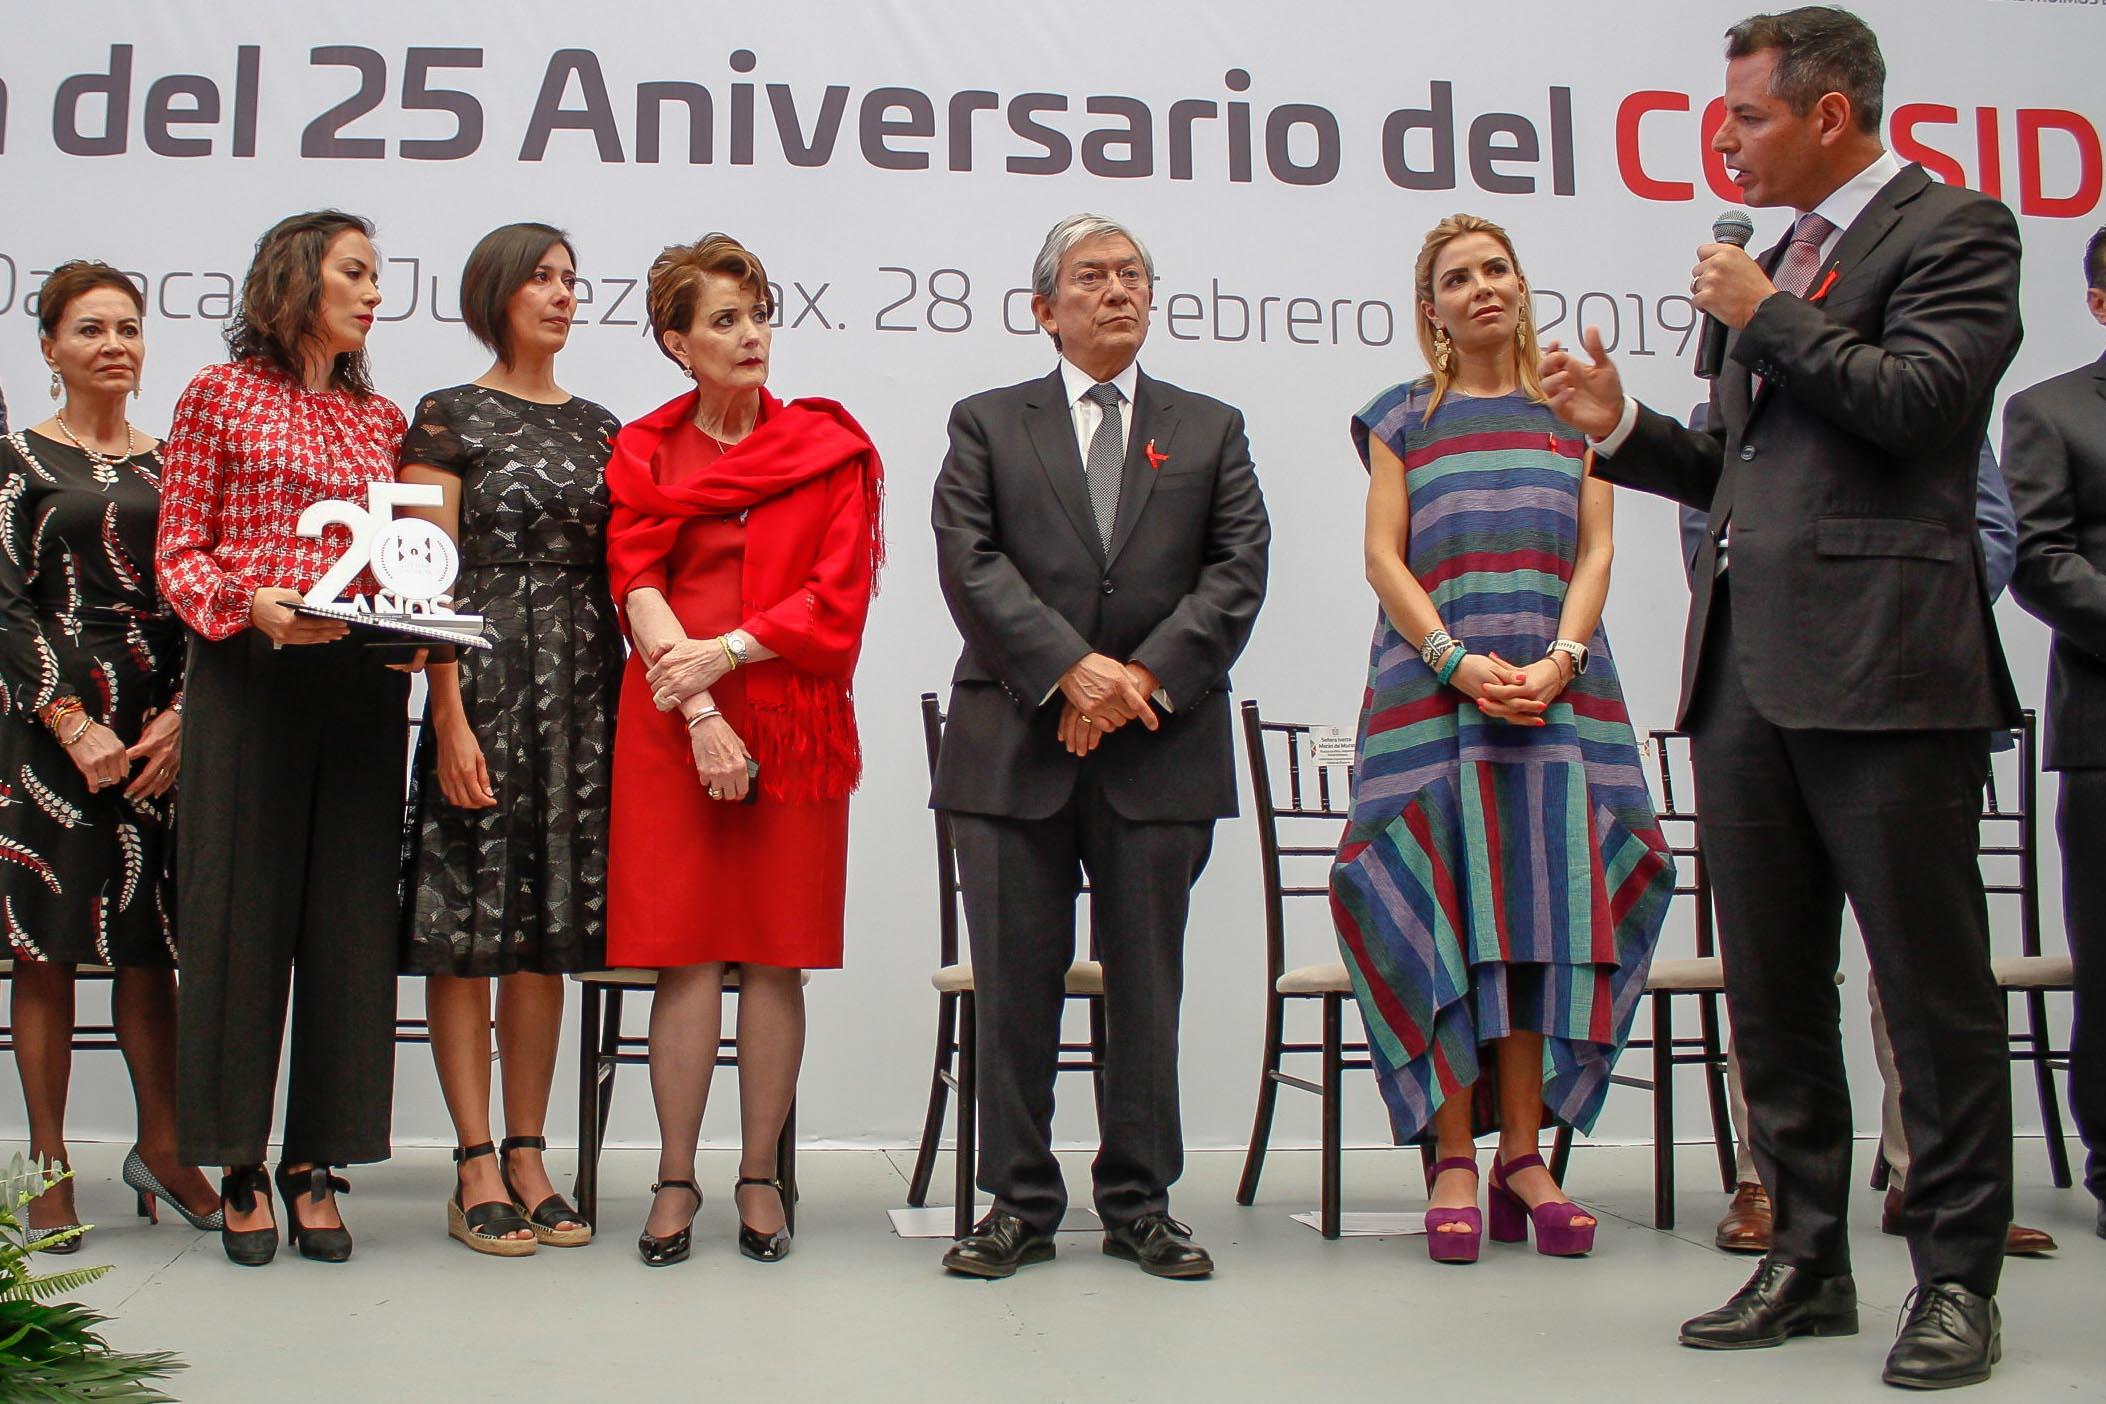 Photo of El trabajo del Coesida referente a nivel nacional e internacional  en su lucha contra el VIH y el Sida: AMH